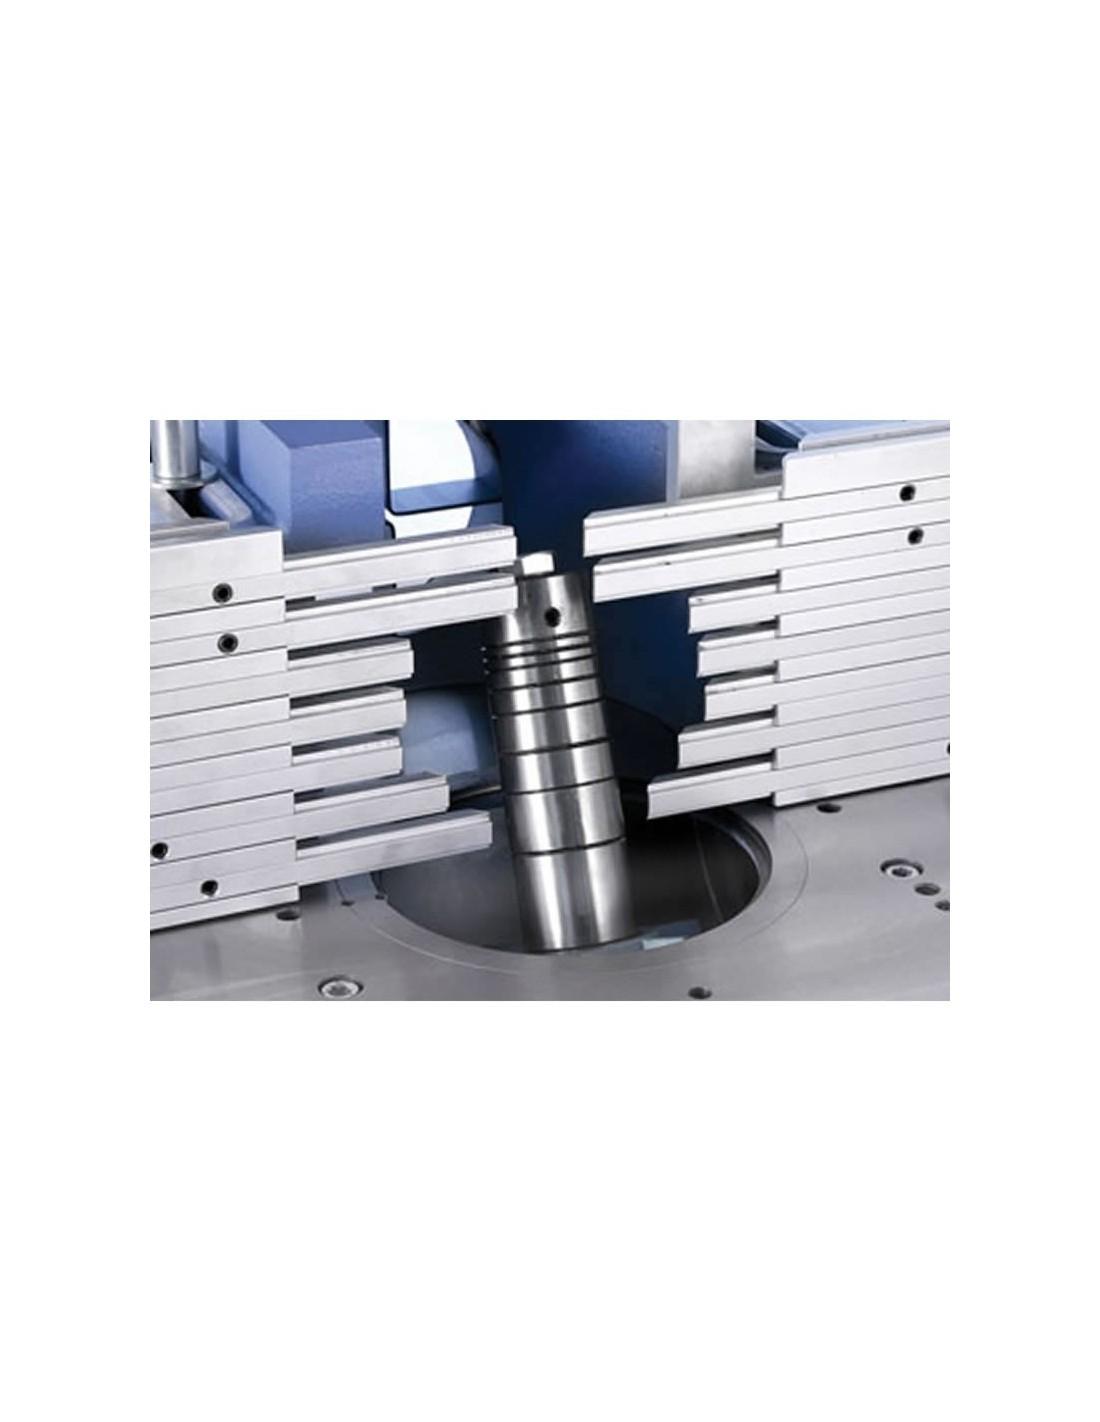 Ax frezor diametrul de 35 mm